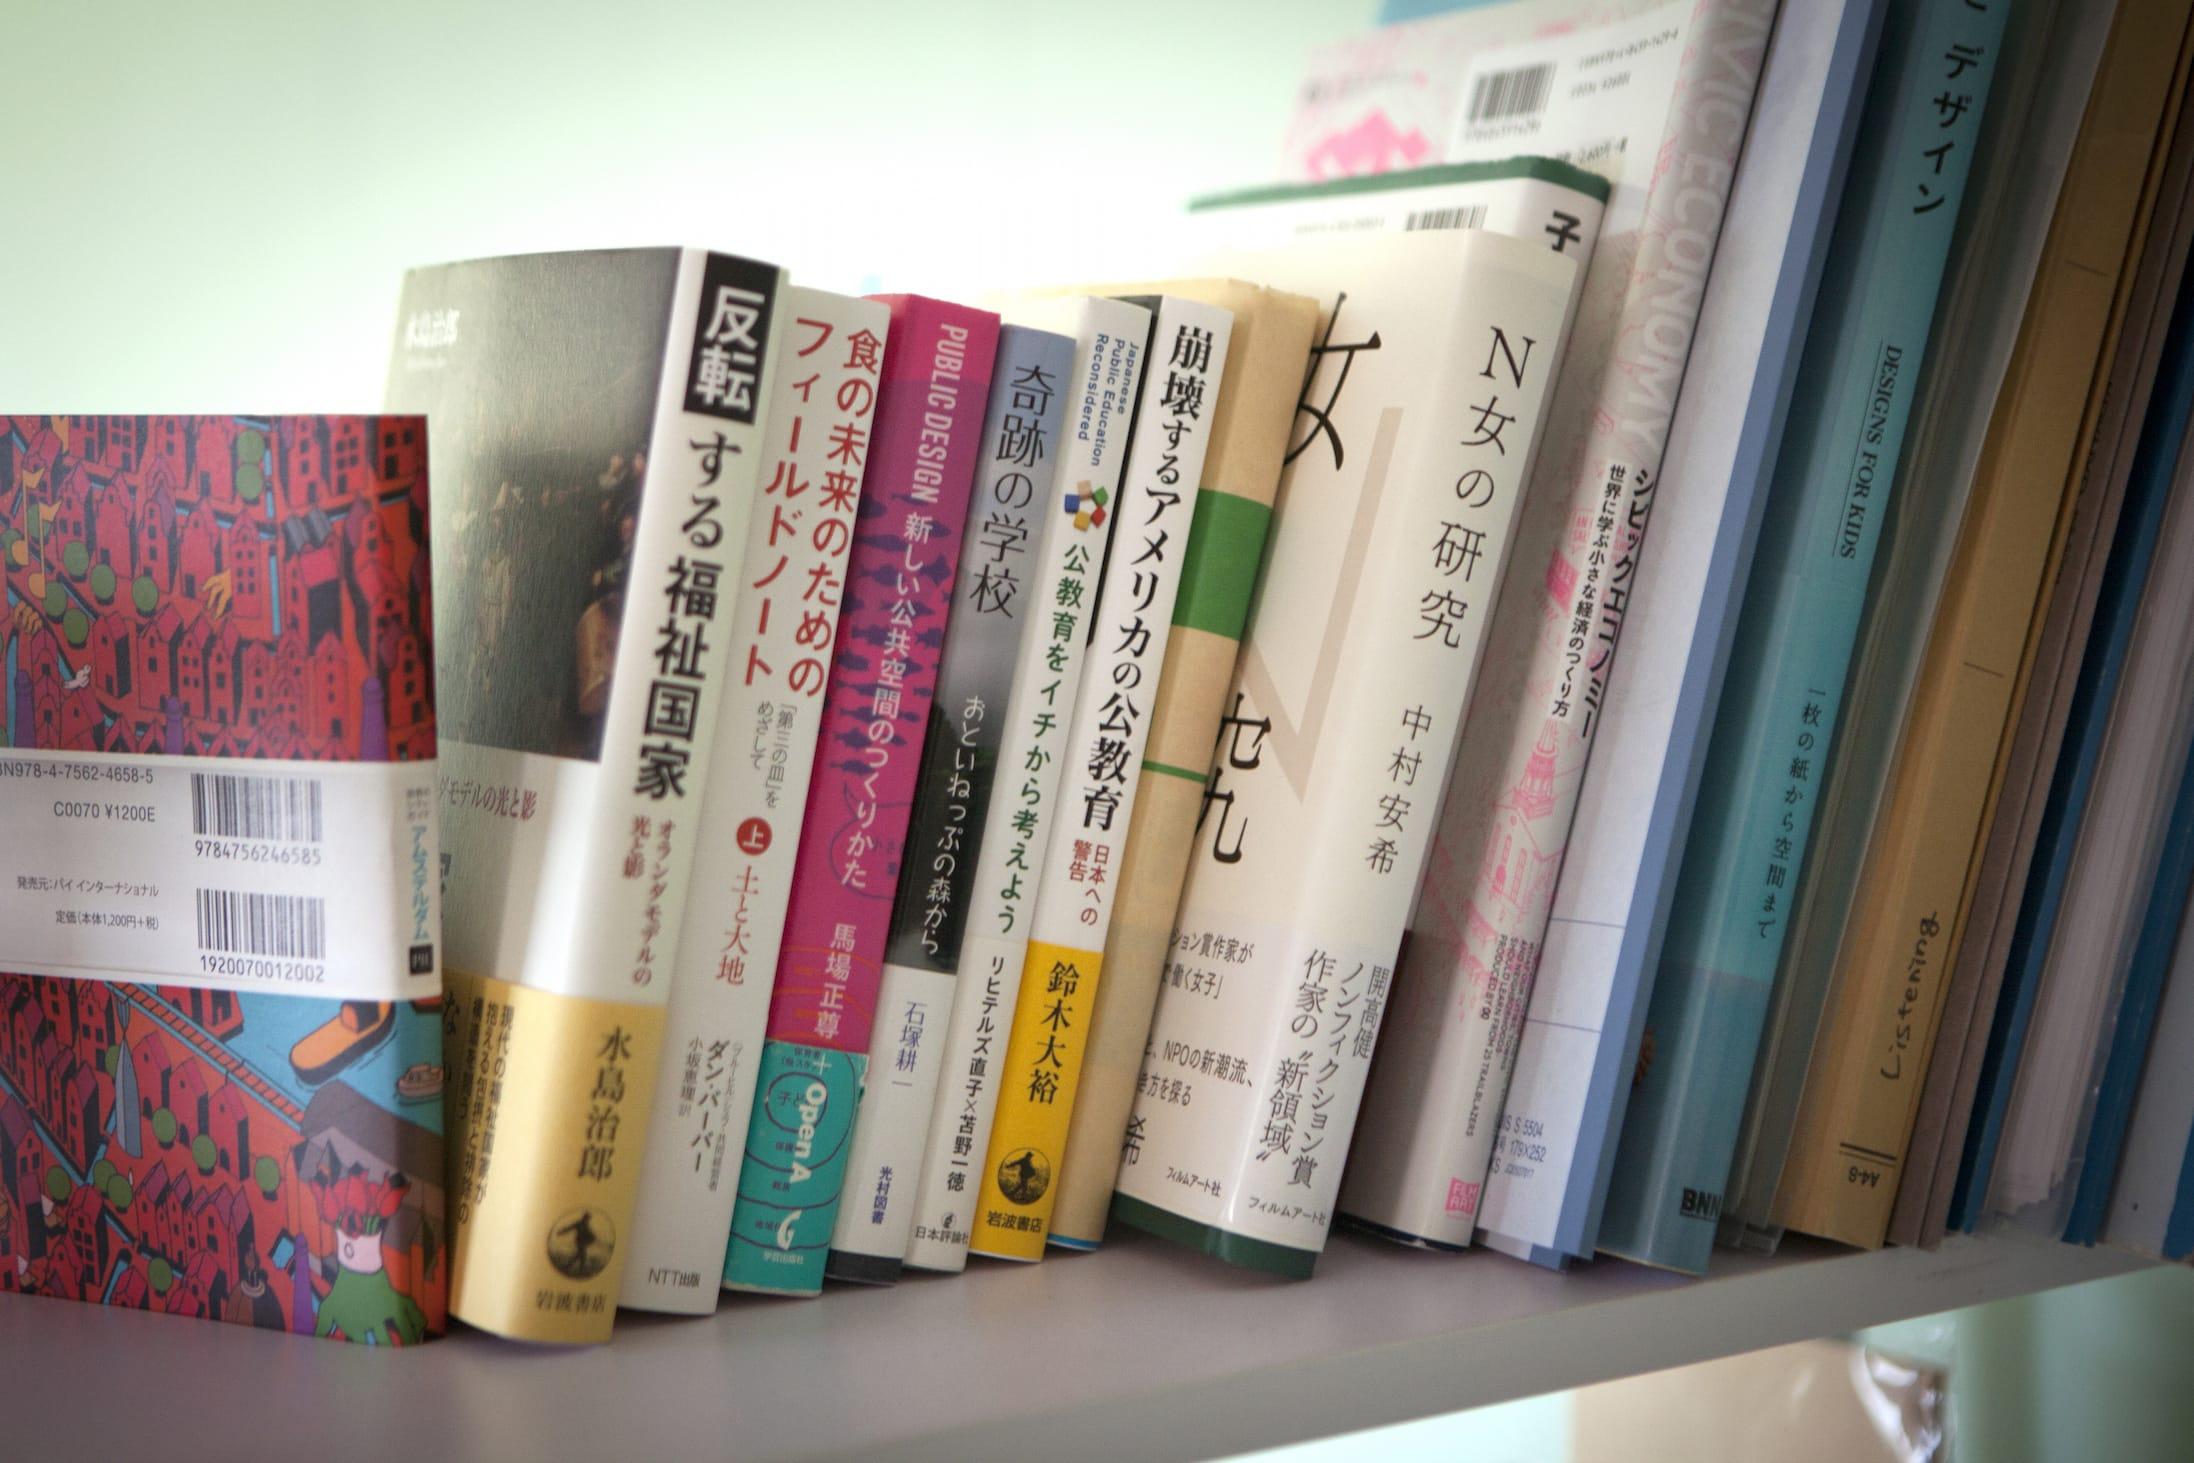 森山さんの本棚。「N女の研究(中村安希著、フィルムアート社)」には森山さんのインタビューも収録されています。